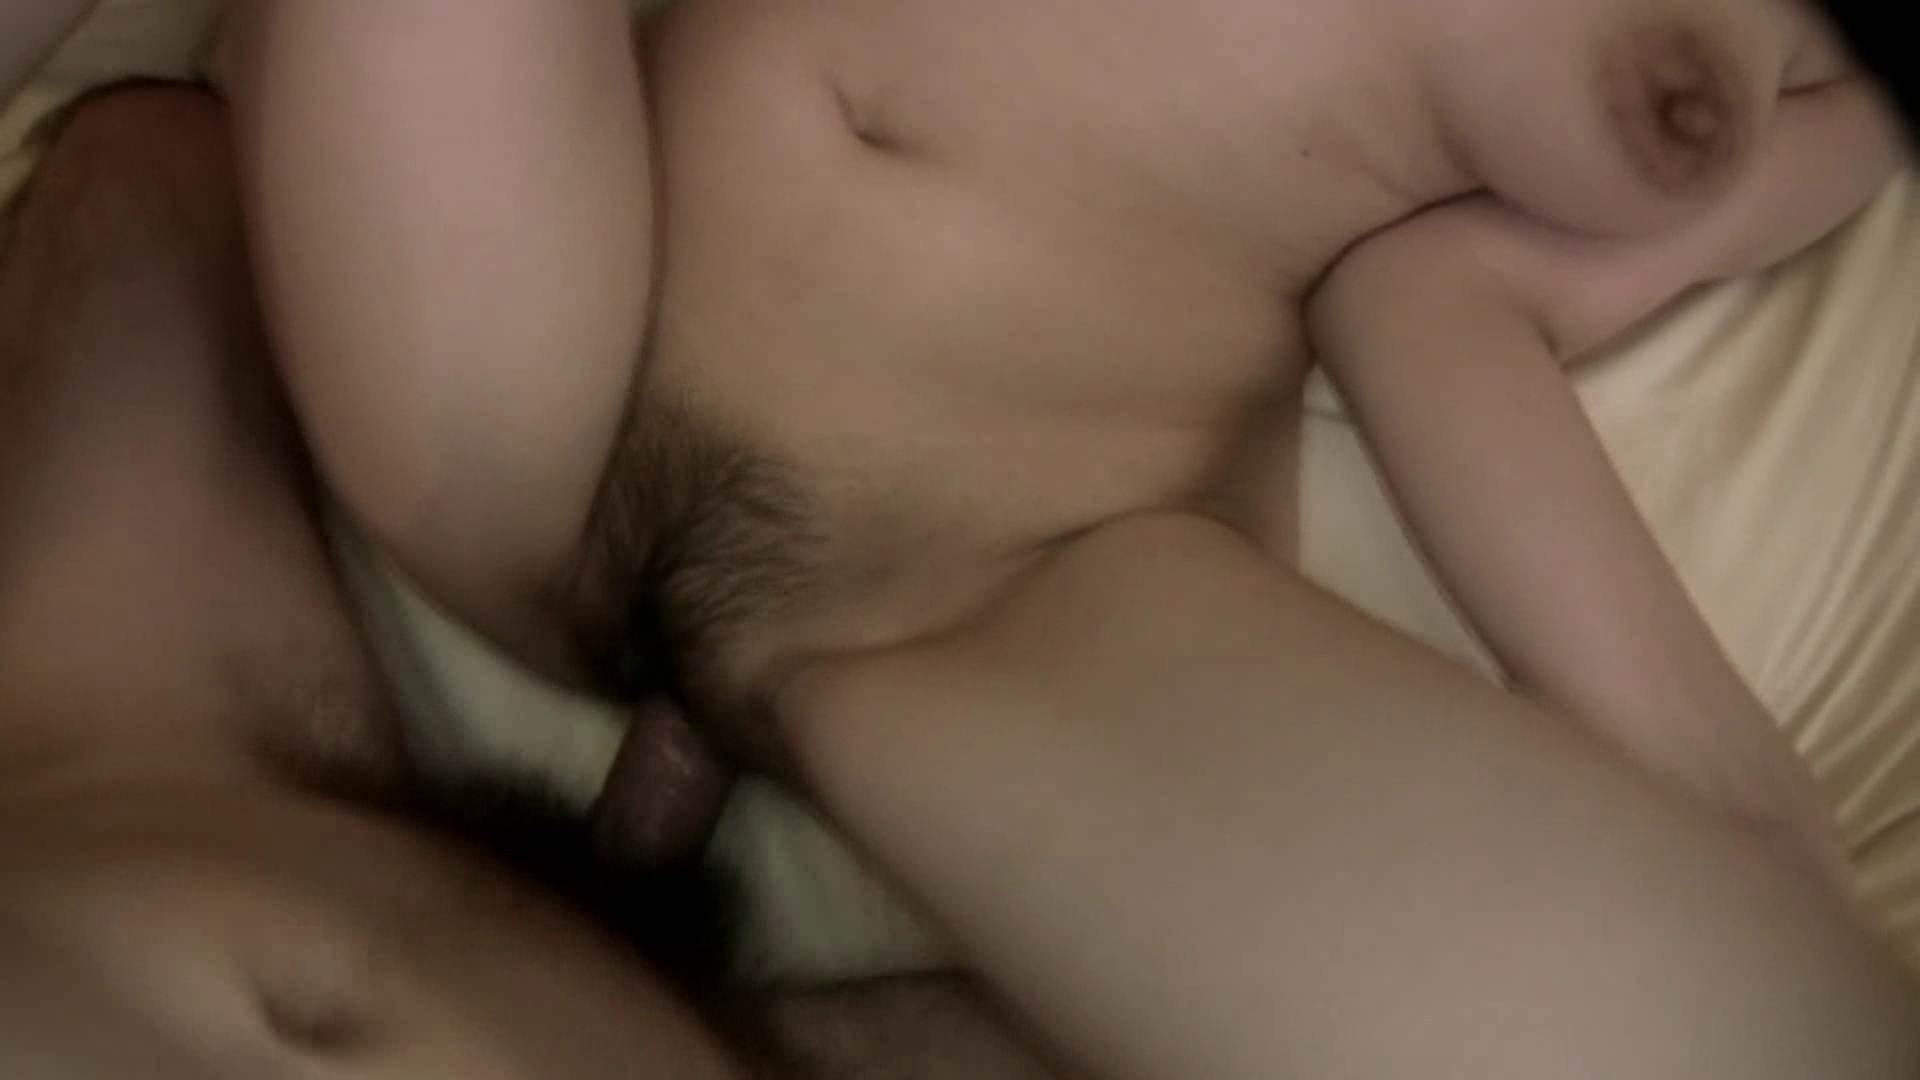 素人ナンパ本番撮り!出会い系でGET!Vol.07 入浴 オメコ動画キャプチャ 110枚 77